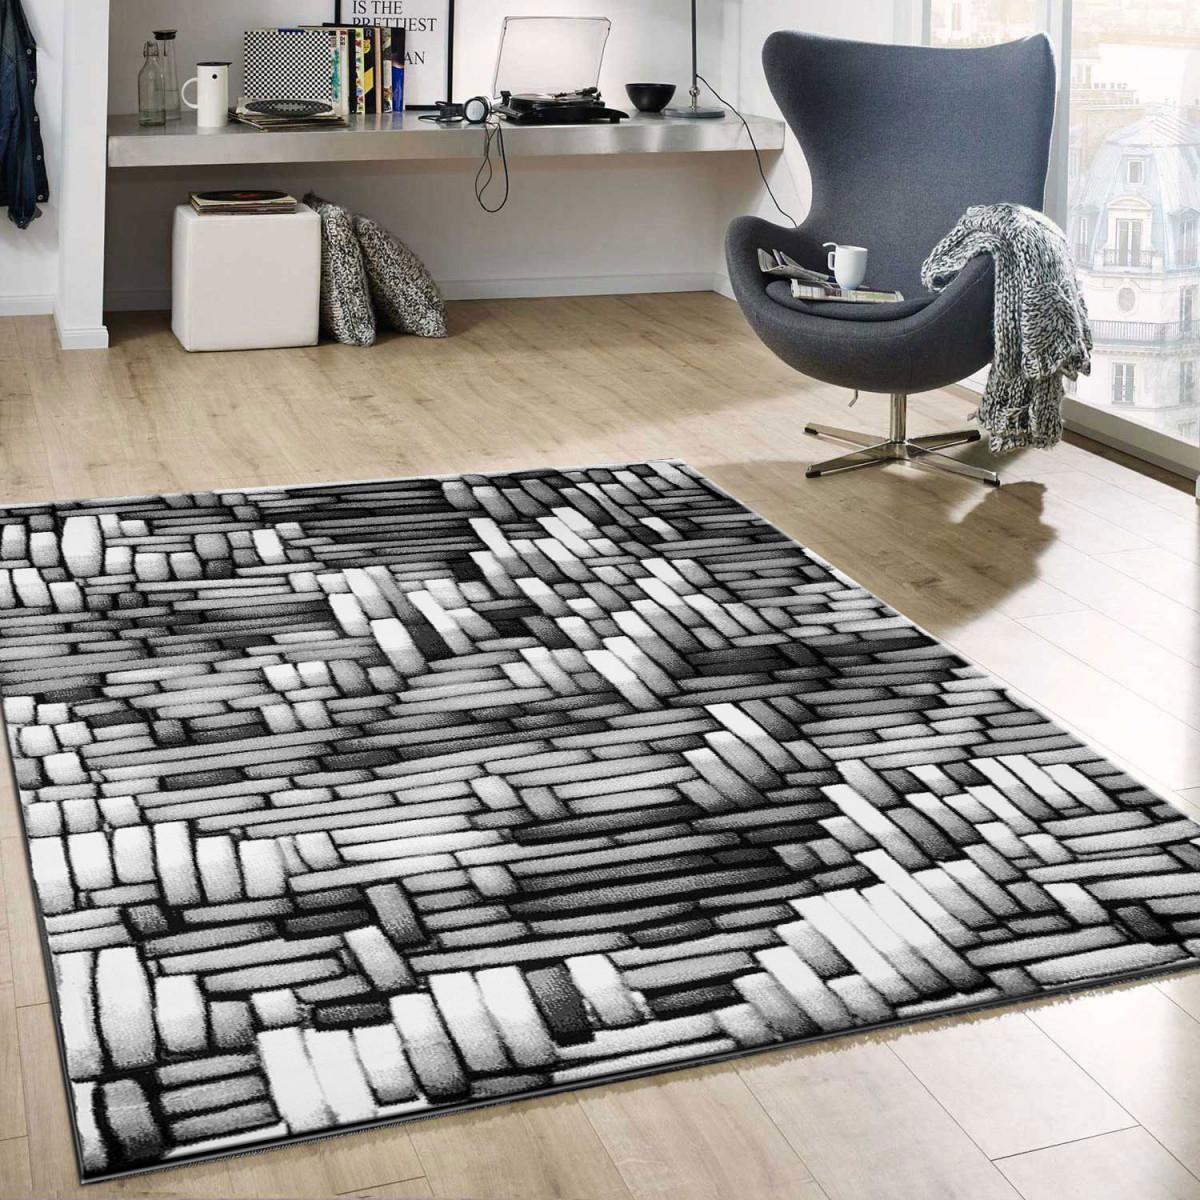 Tibett011 Grau Wohnzimmer Teppich Moderne 3D Optik von 3D Teppich Wohnzimmer Bild